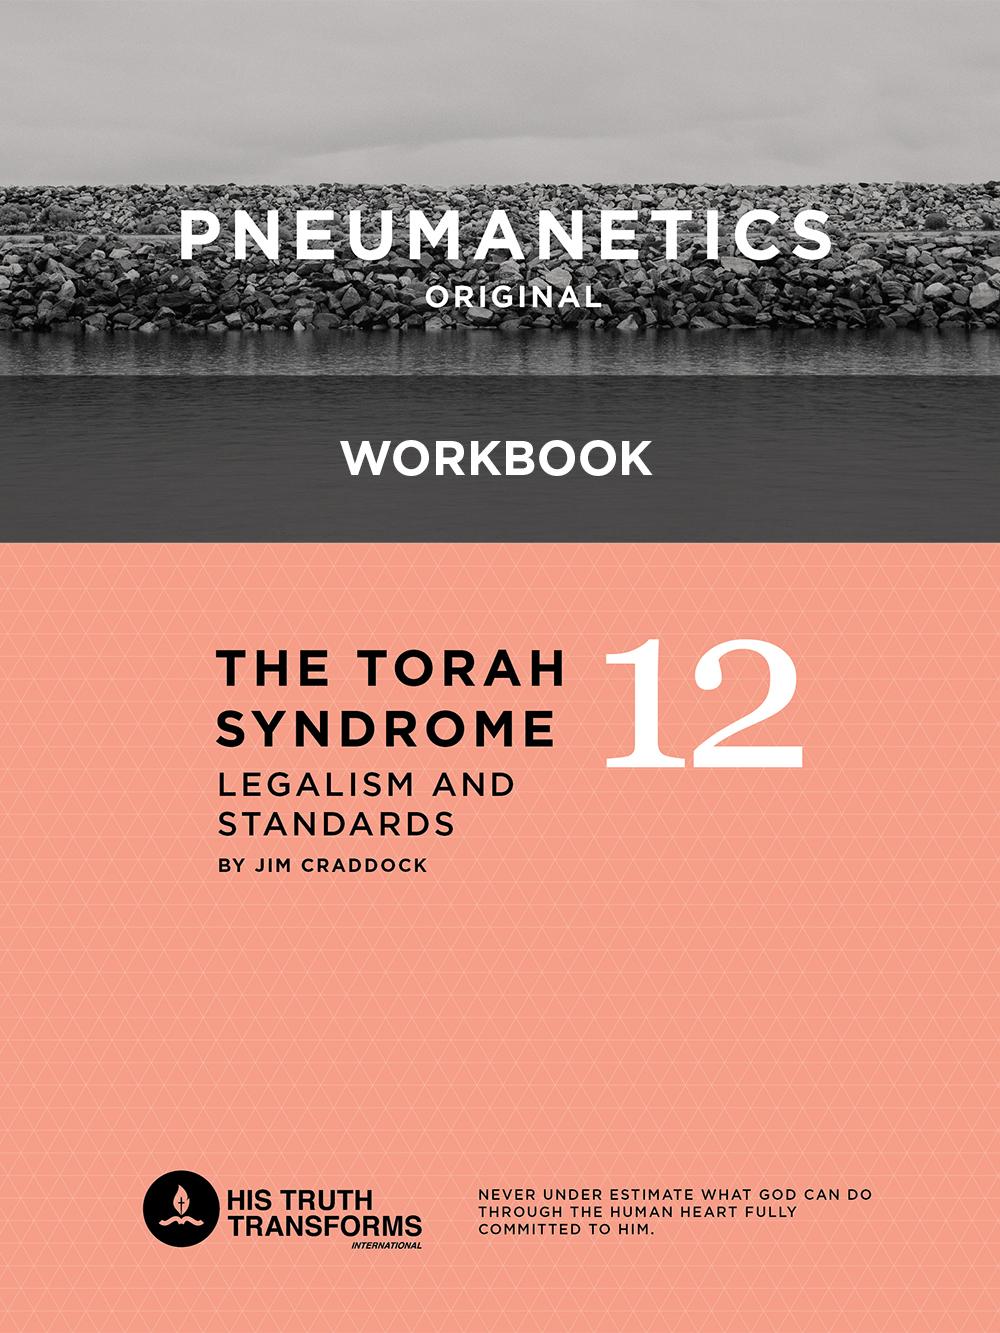 pneumanetics-12-workbook.jpg